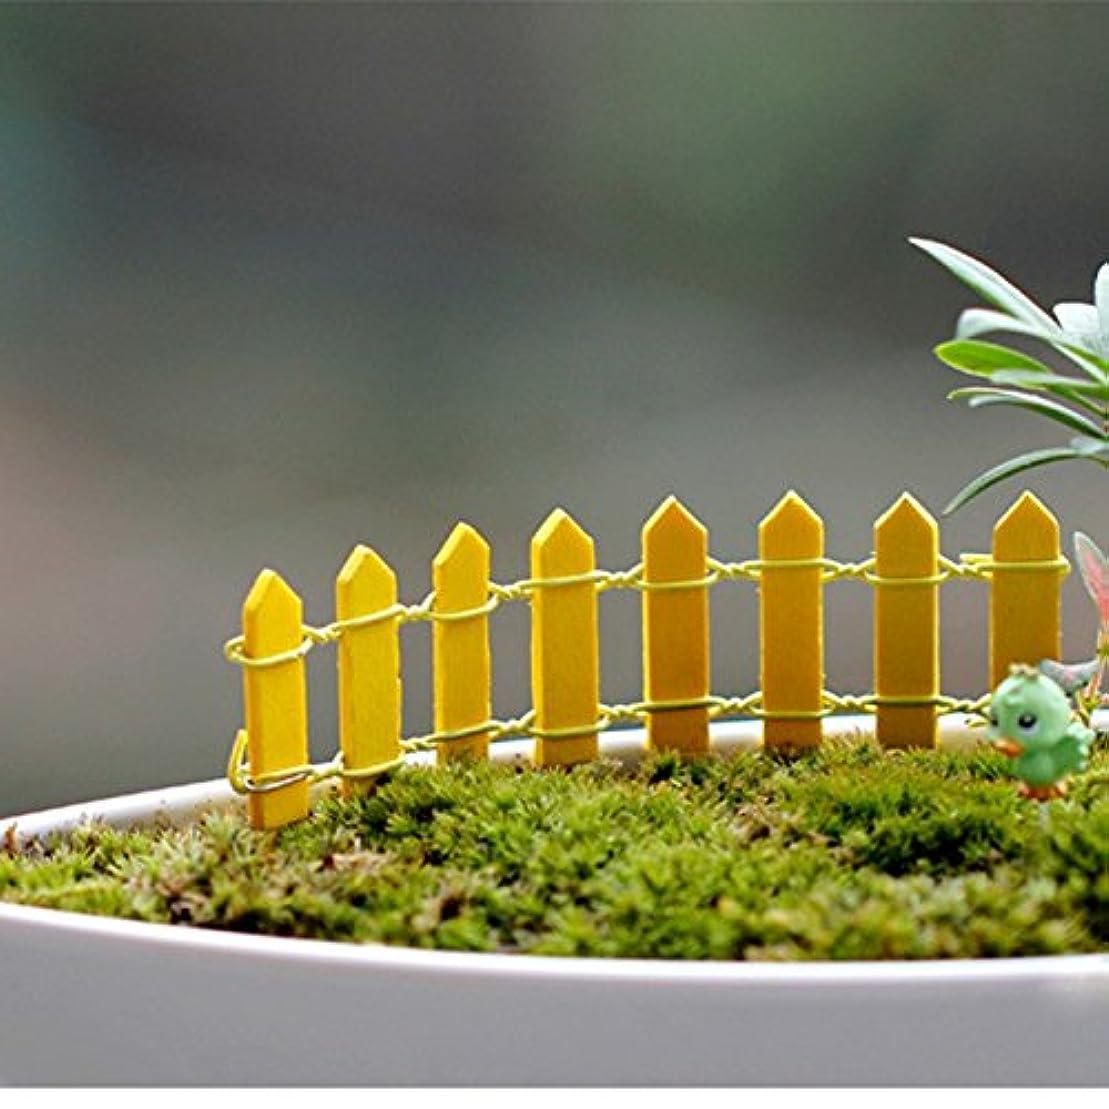 クモスモッグファンネルウェブスパイダーJicorzo - 20個DIY木製の小さなフェンスモステラリウム植木鉢工芸ミニおもちゃフェアリーガーデンミニチュア[イエロー]